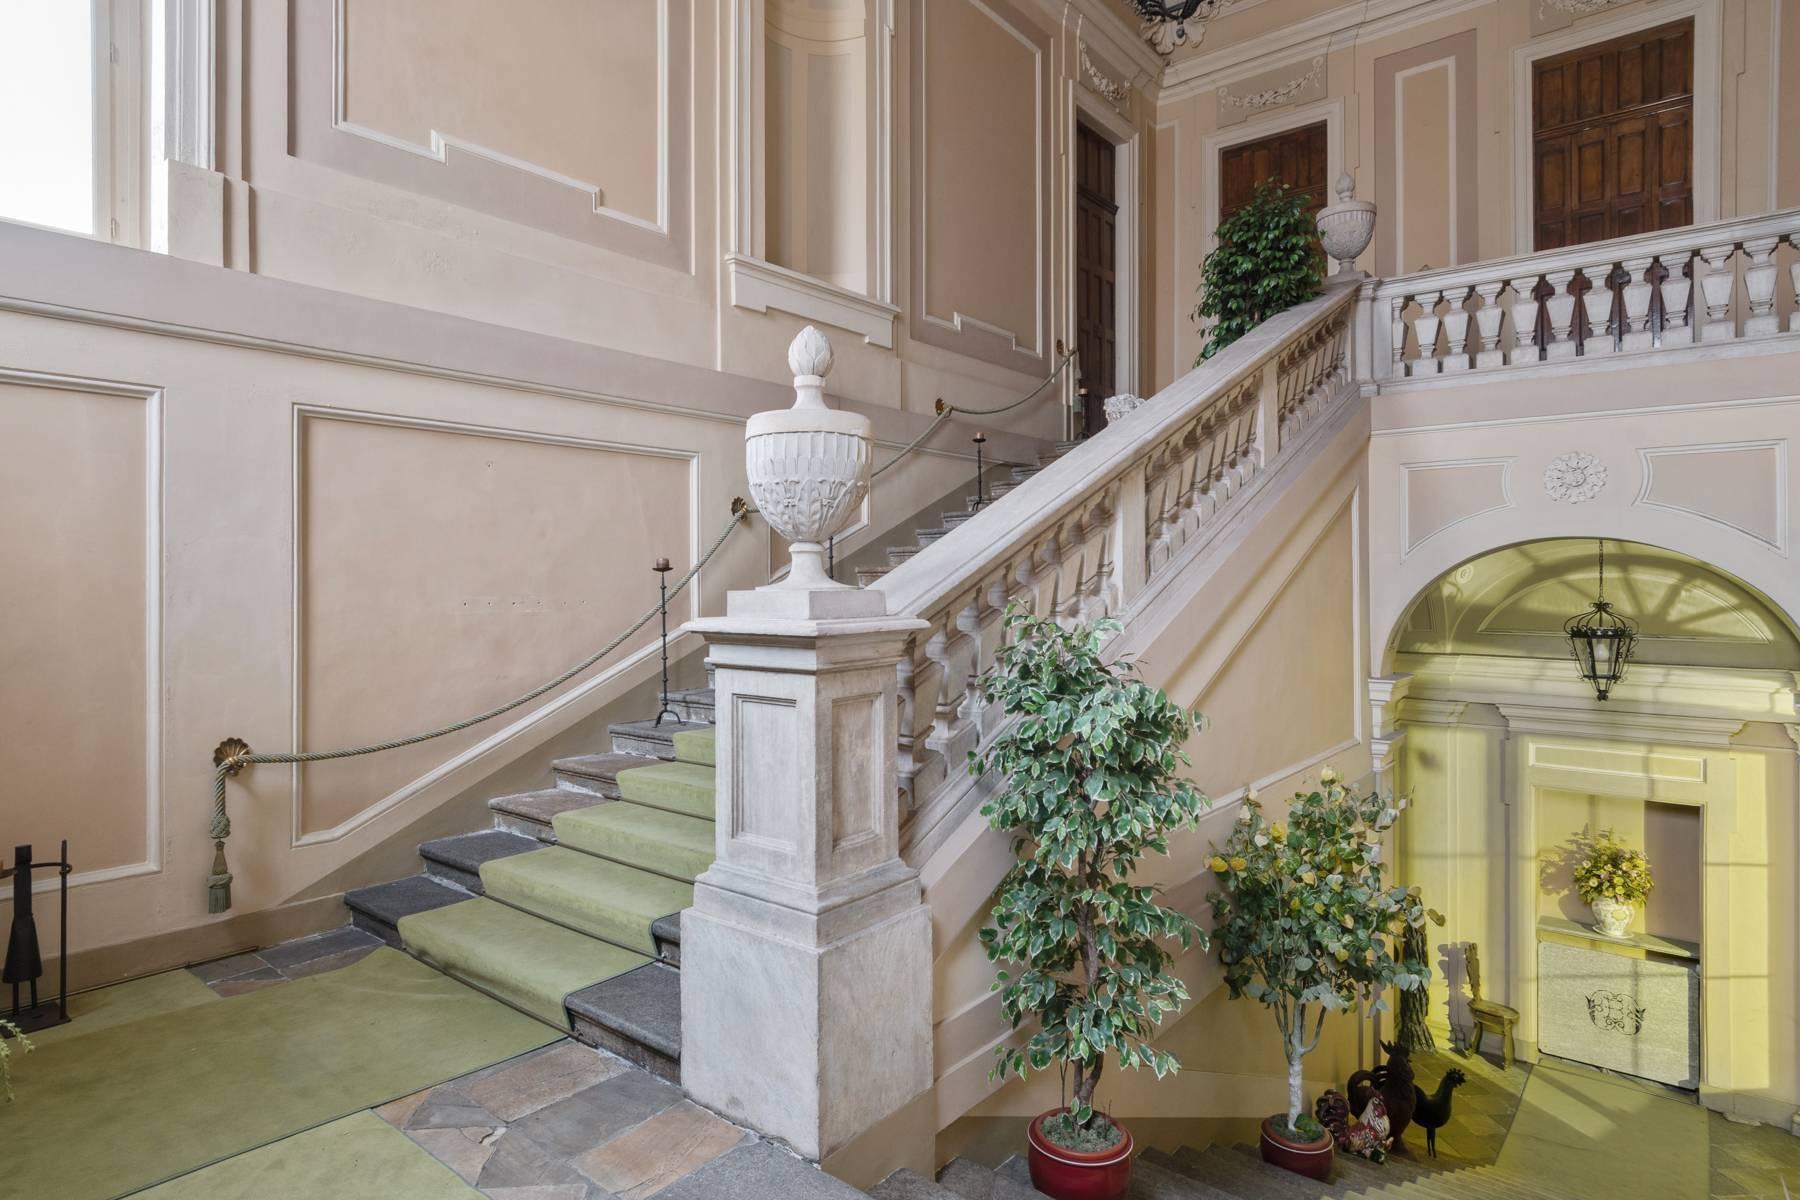 Superbe Appartement dans un palais historique - 26